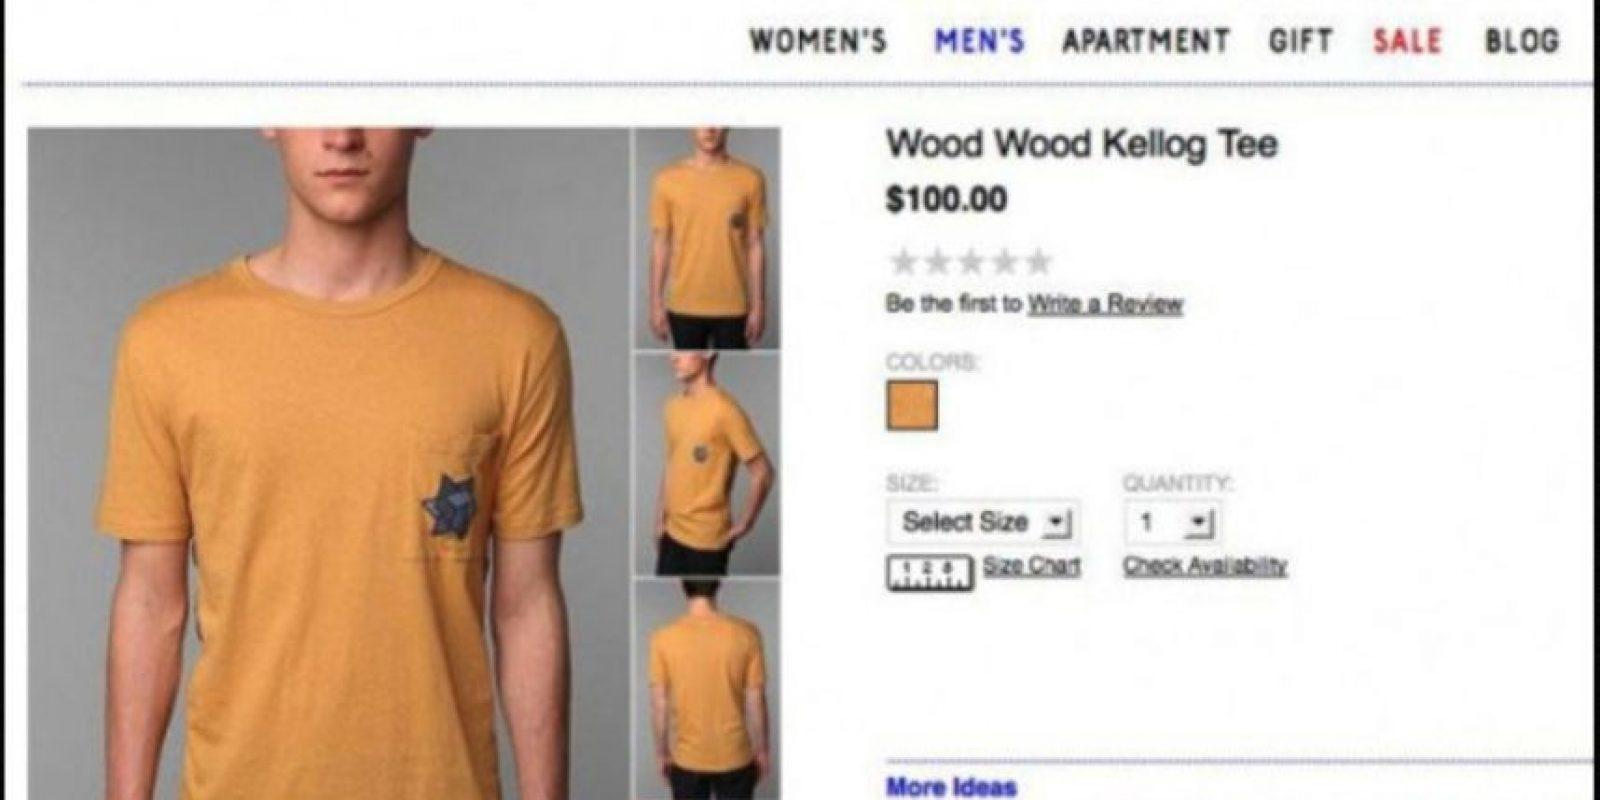 La marca también ha tenido sus problemas por tocar temas sensibles. También hizo una camiseta en clara apología al Holocausto, pues su color es del mismo amarillo de la estrella judía Foto:Urban Outfitters